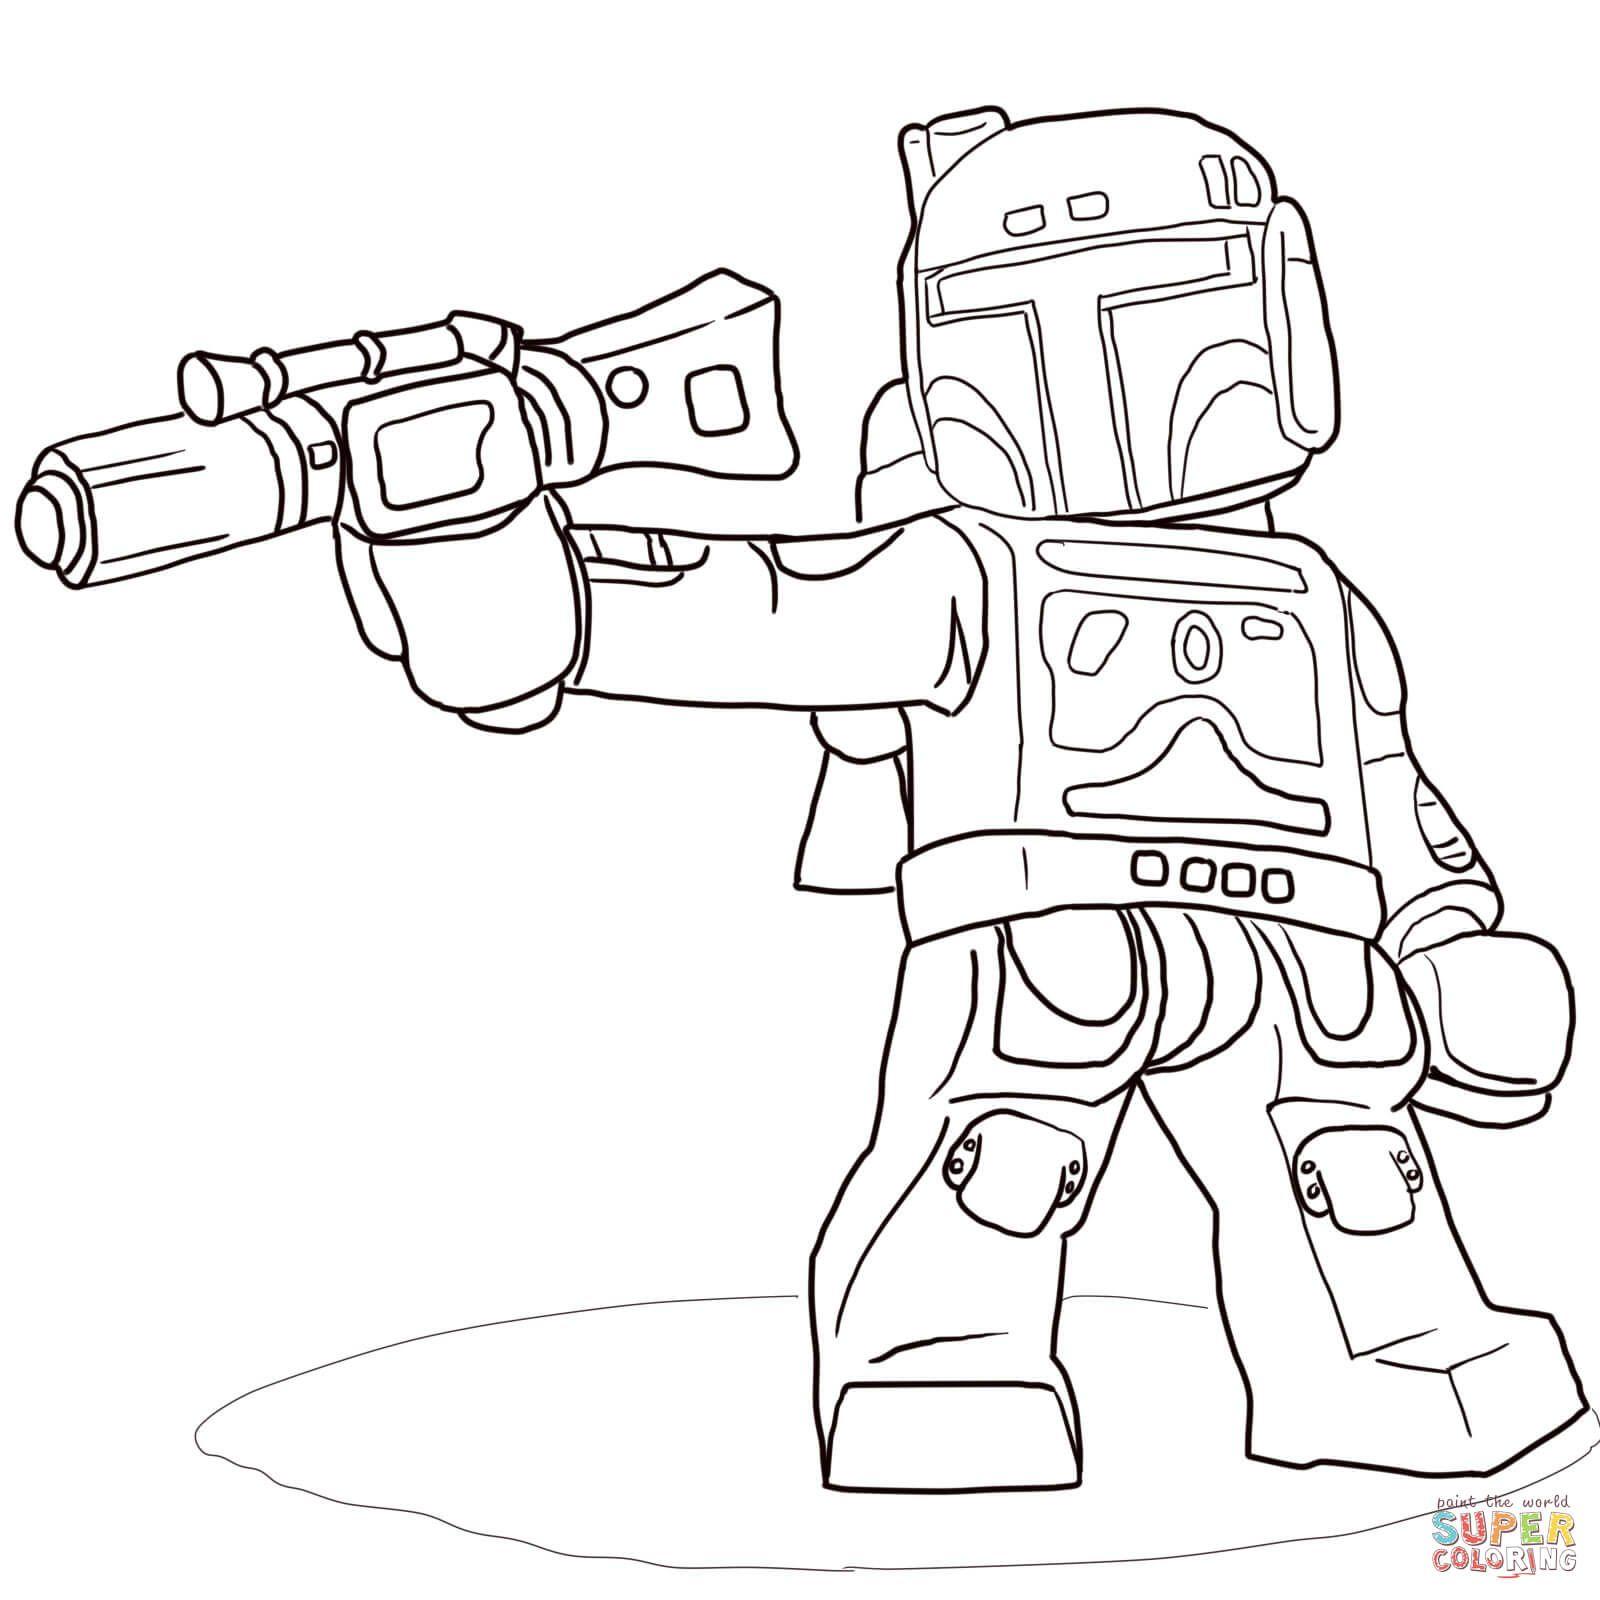 Ausmalbild: Lego Star Wars Boba Fett   Ausmalbilder mit Star Wars Bilder Zum Drucken